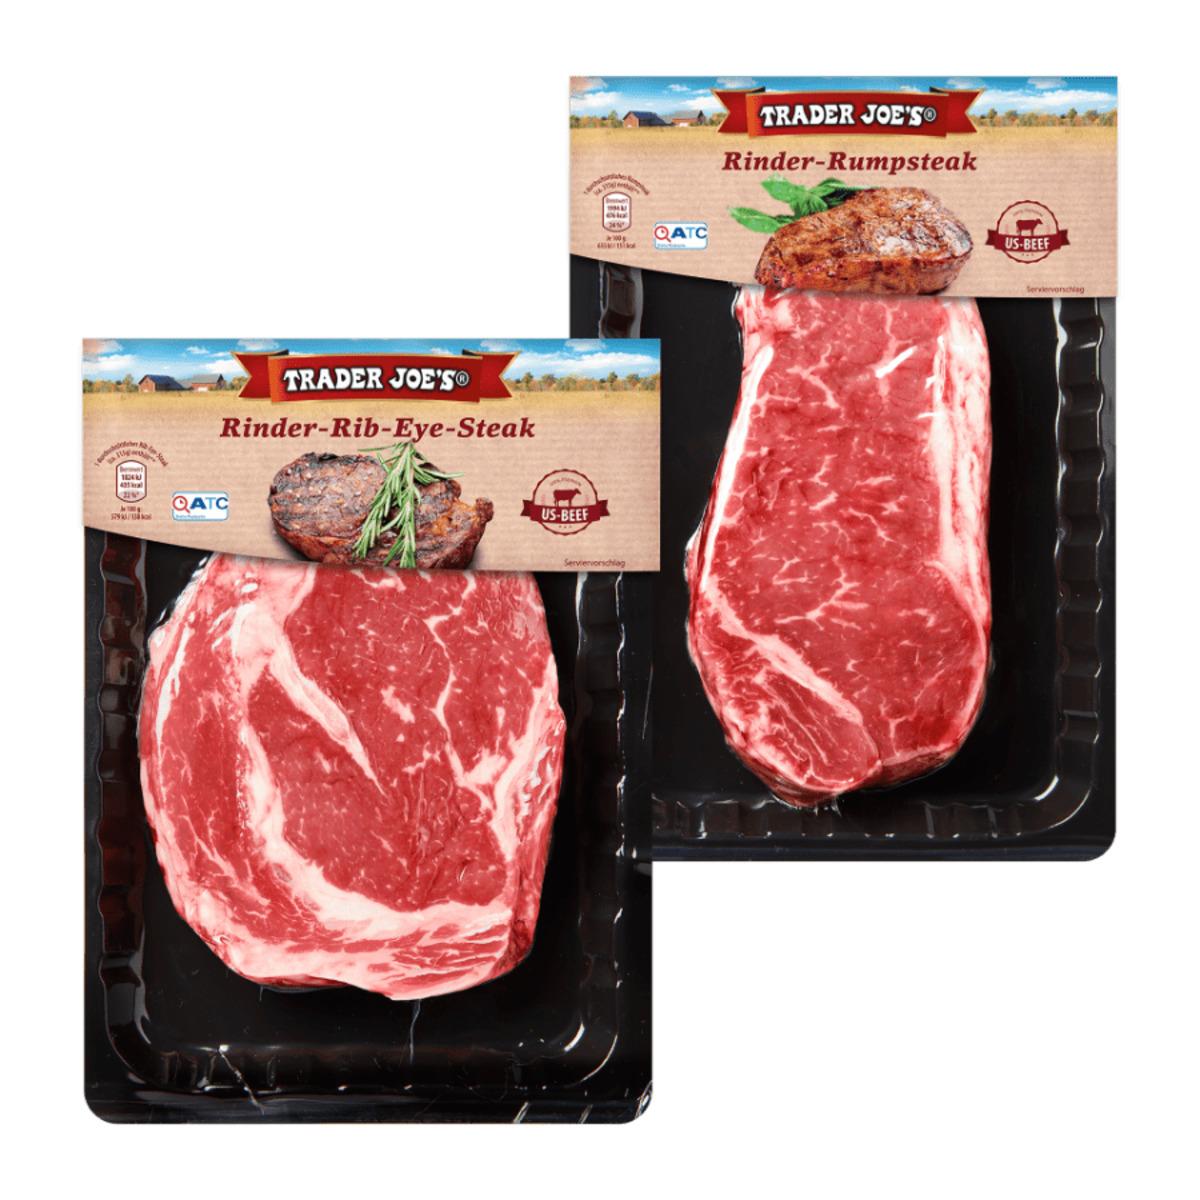 Bild 1 von TRADER JOE'S     Rumpsteak / Rib-Eye-Steak